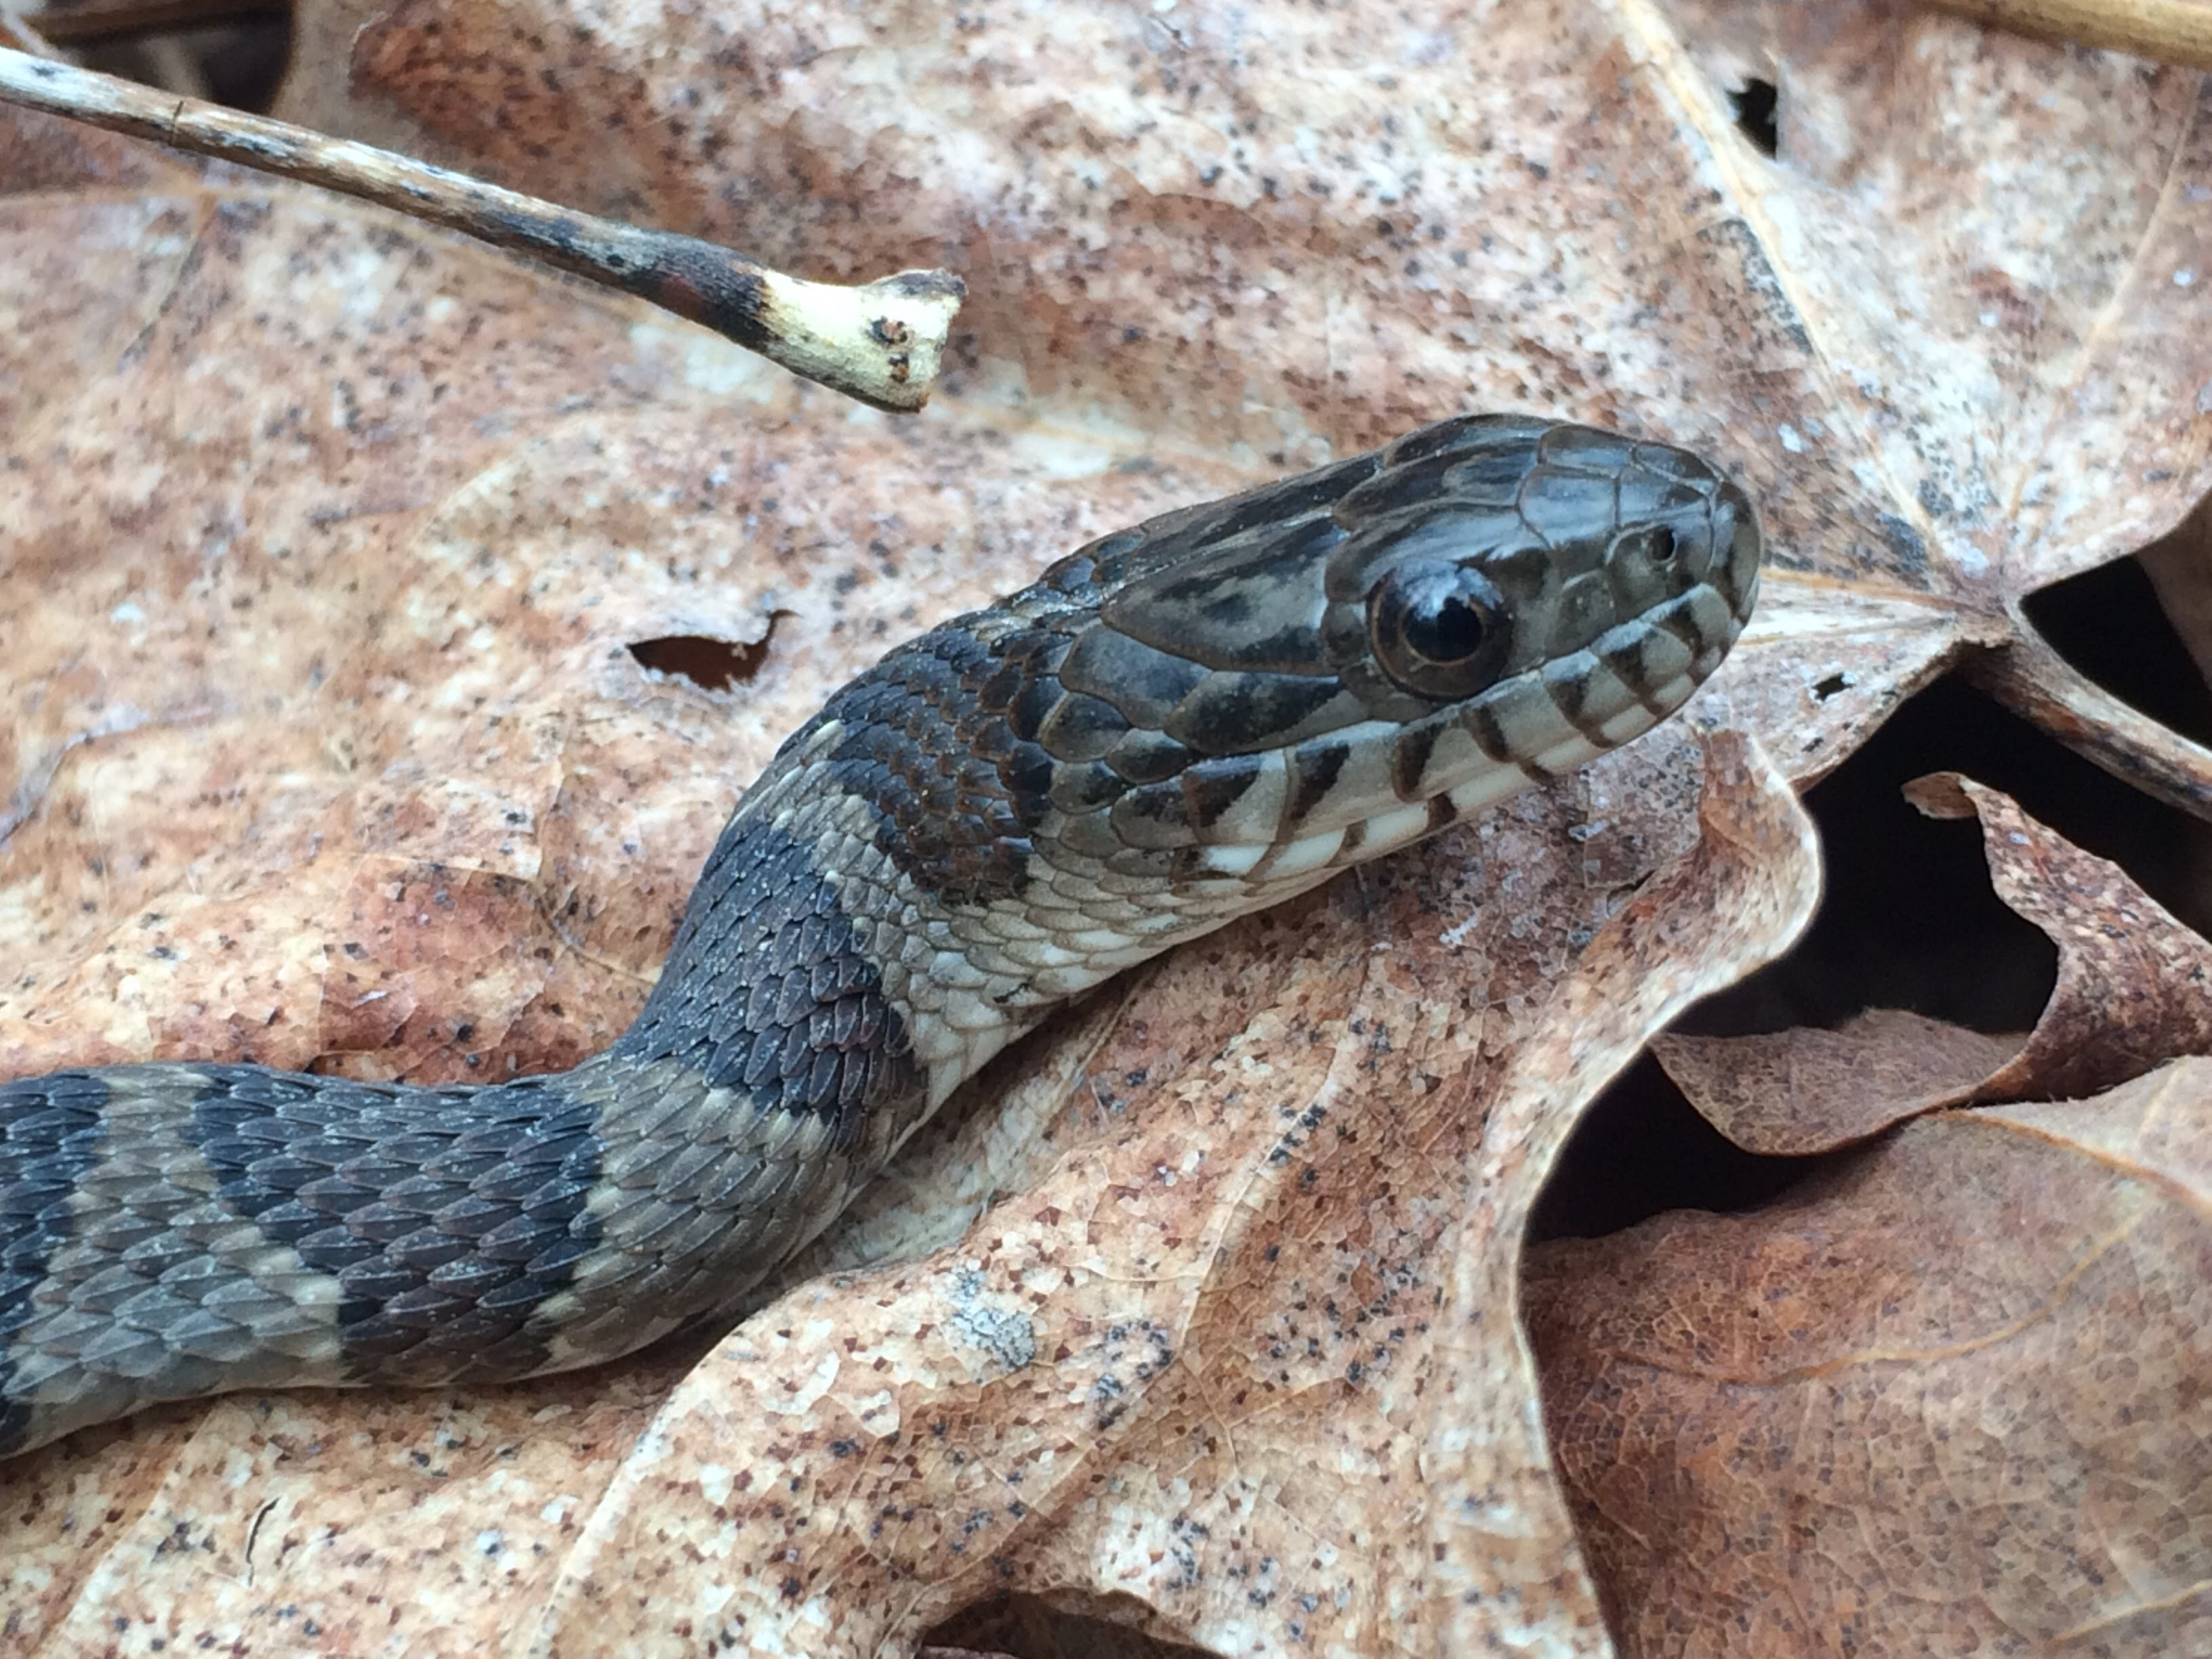 juvenile water snake